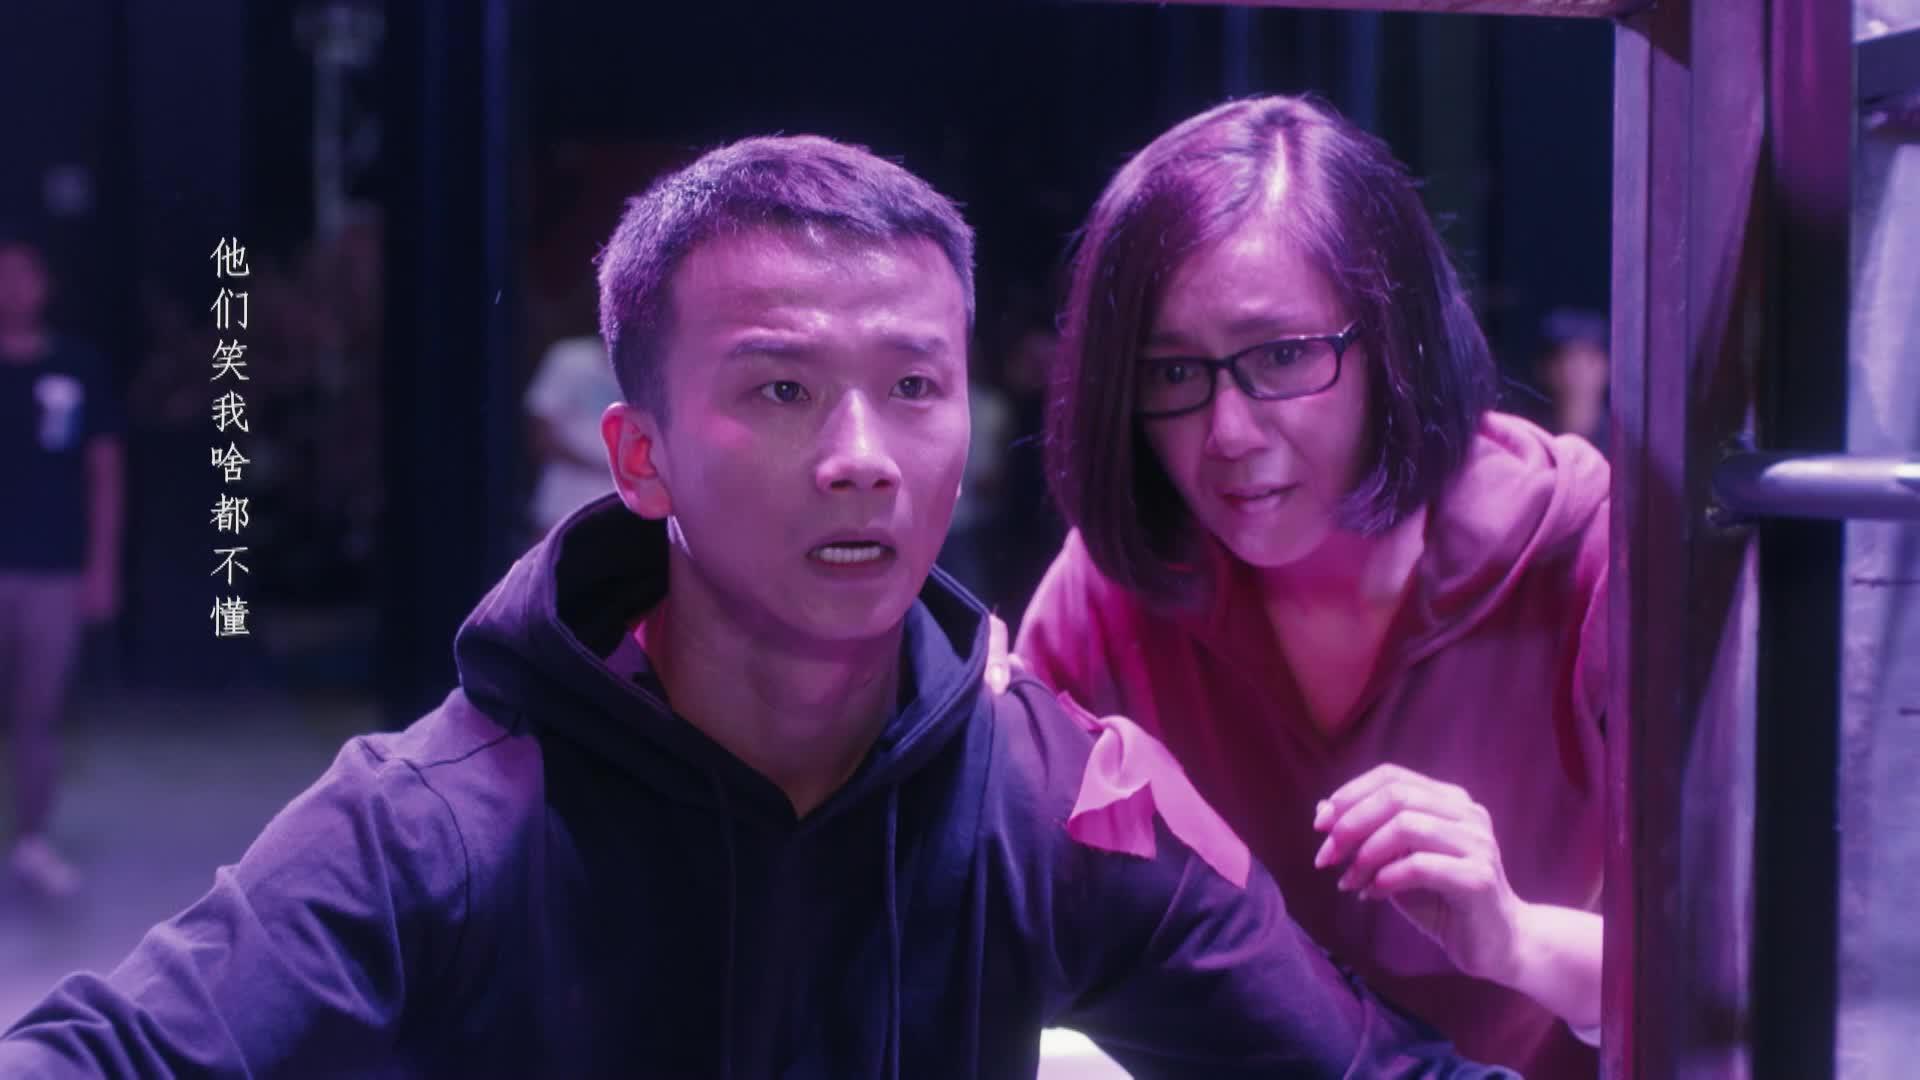 《装台》第三十三集精彩剧情片段:装台队演出圆满成功